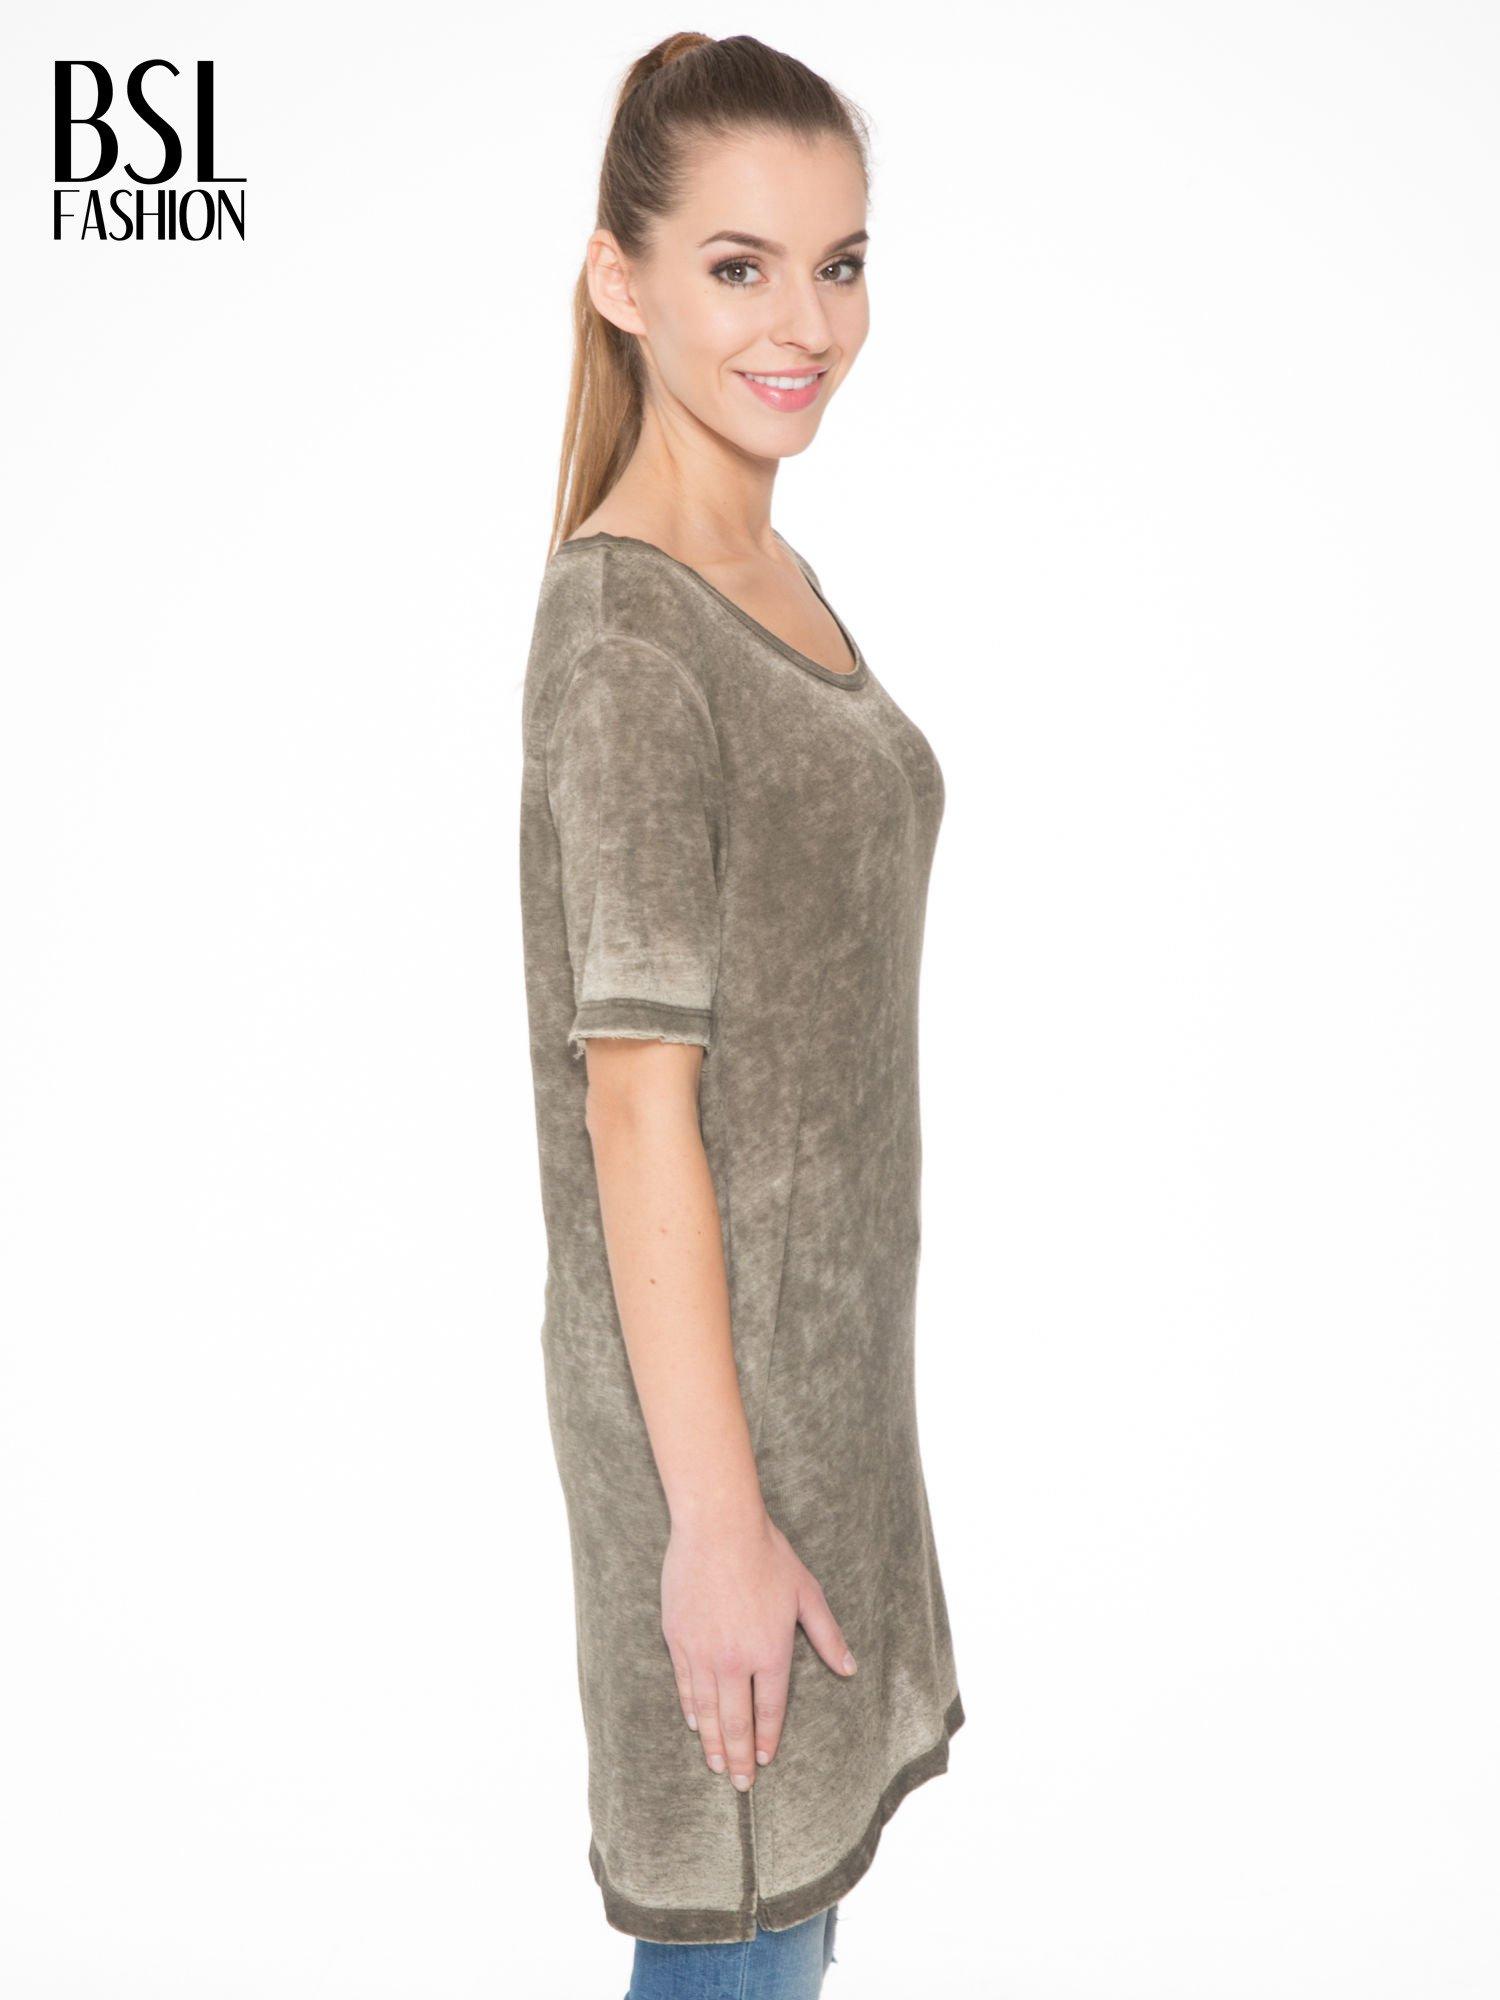 Khaki sukienka typu t-shirt bluzka z efektem dekatyzowania                                  zdj.                                  3